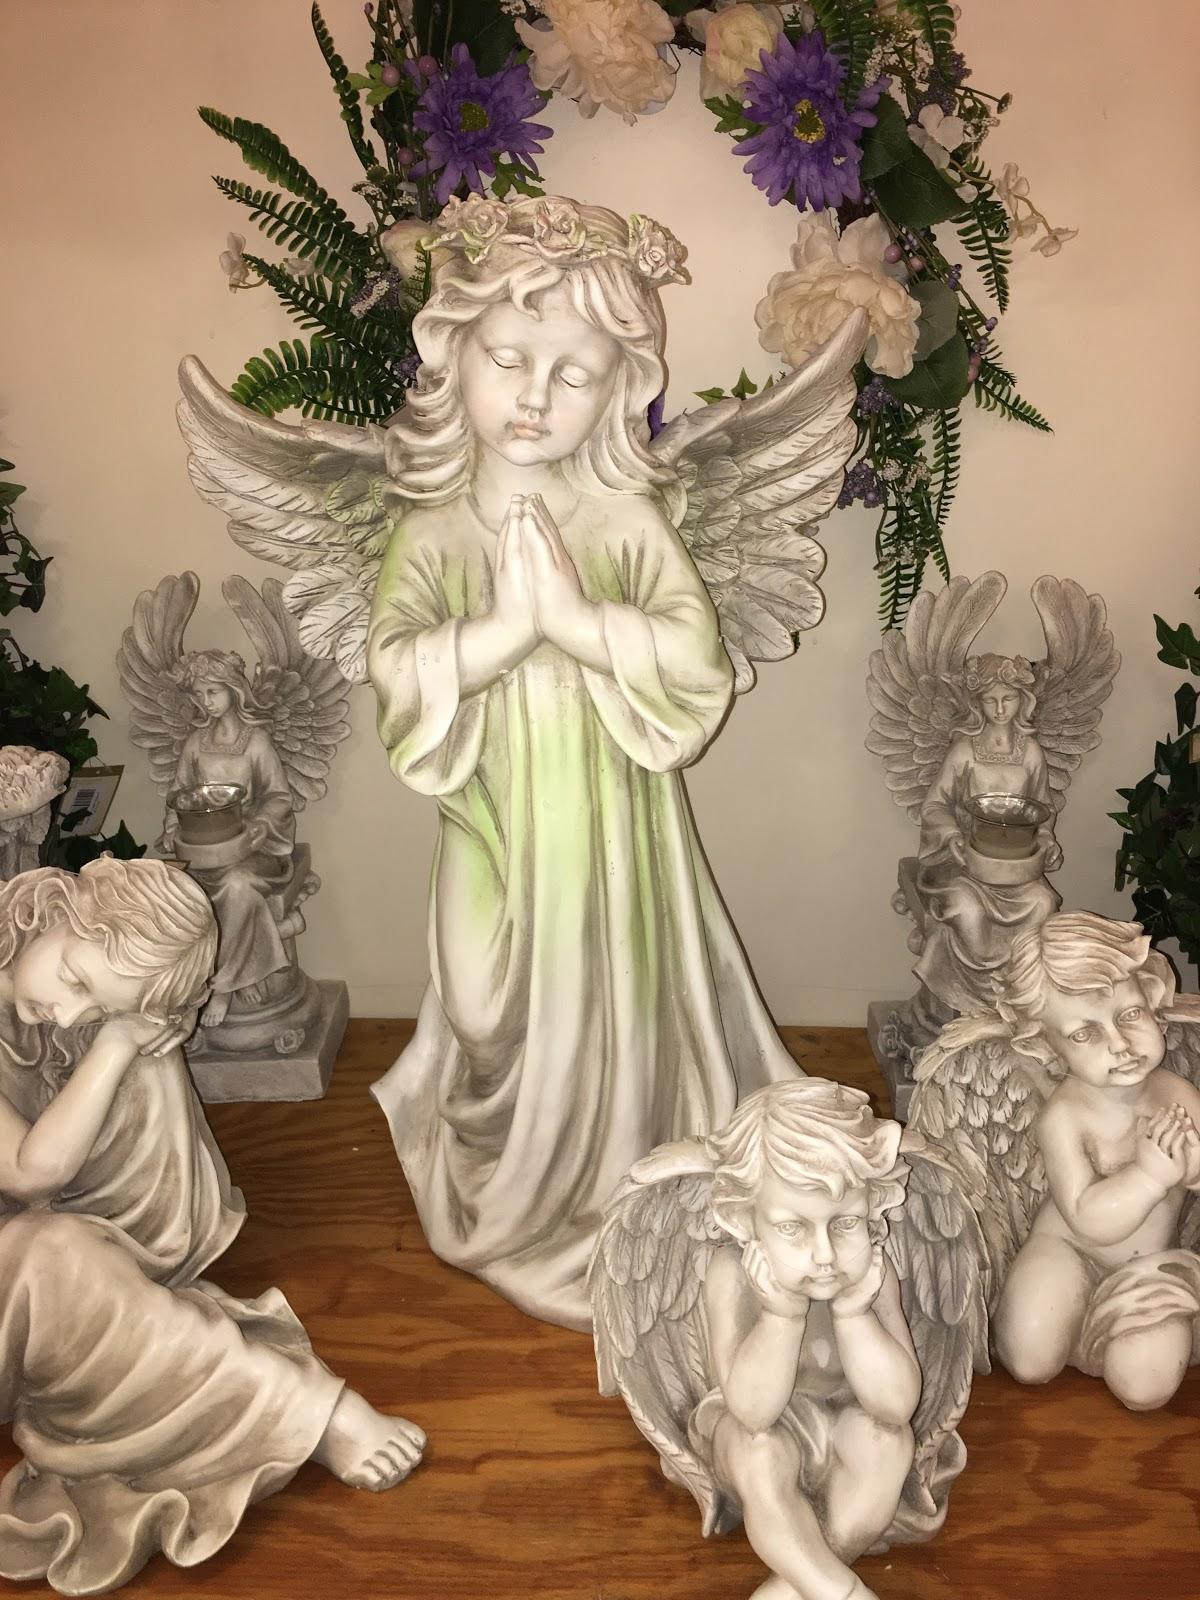 Outdoor Angel Garden Statue